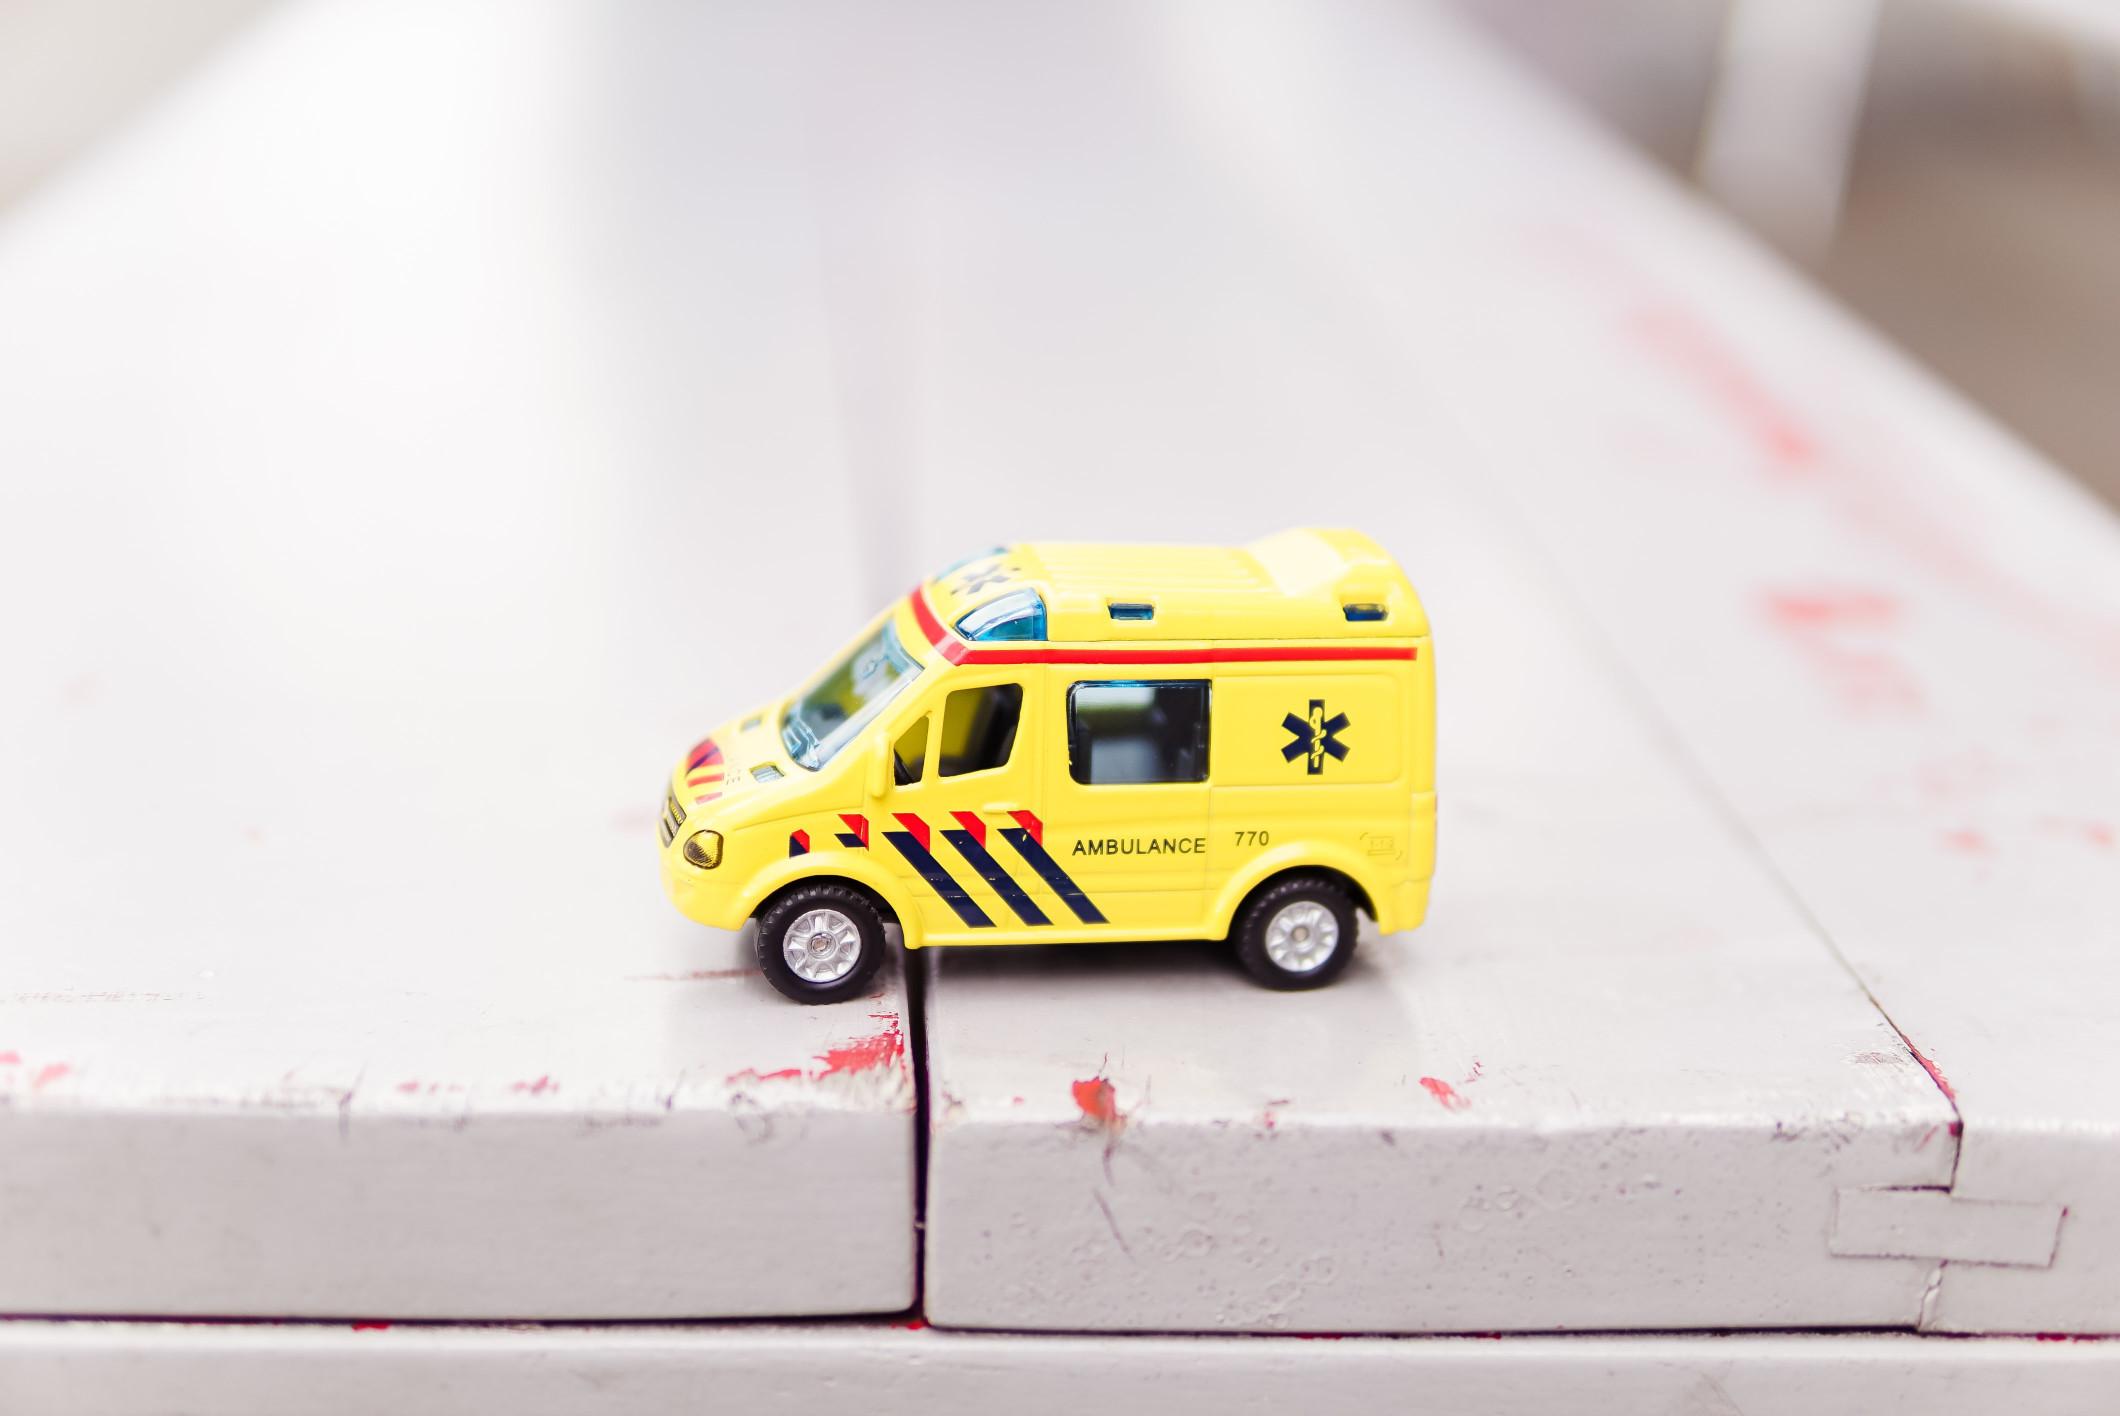 Toy Ambulance Credit Zhen Hu Xruf